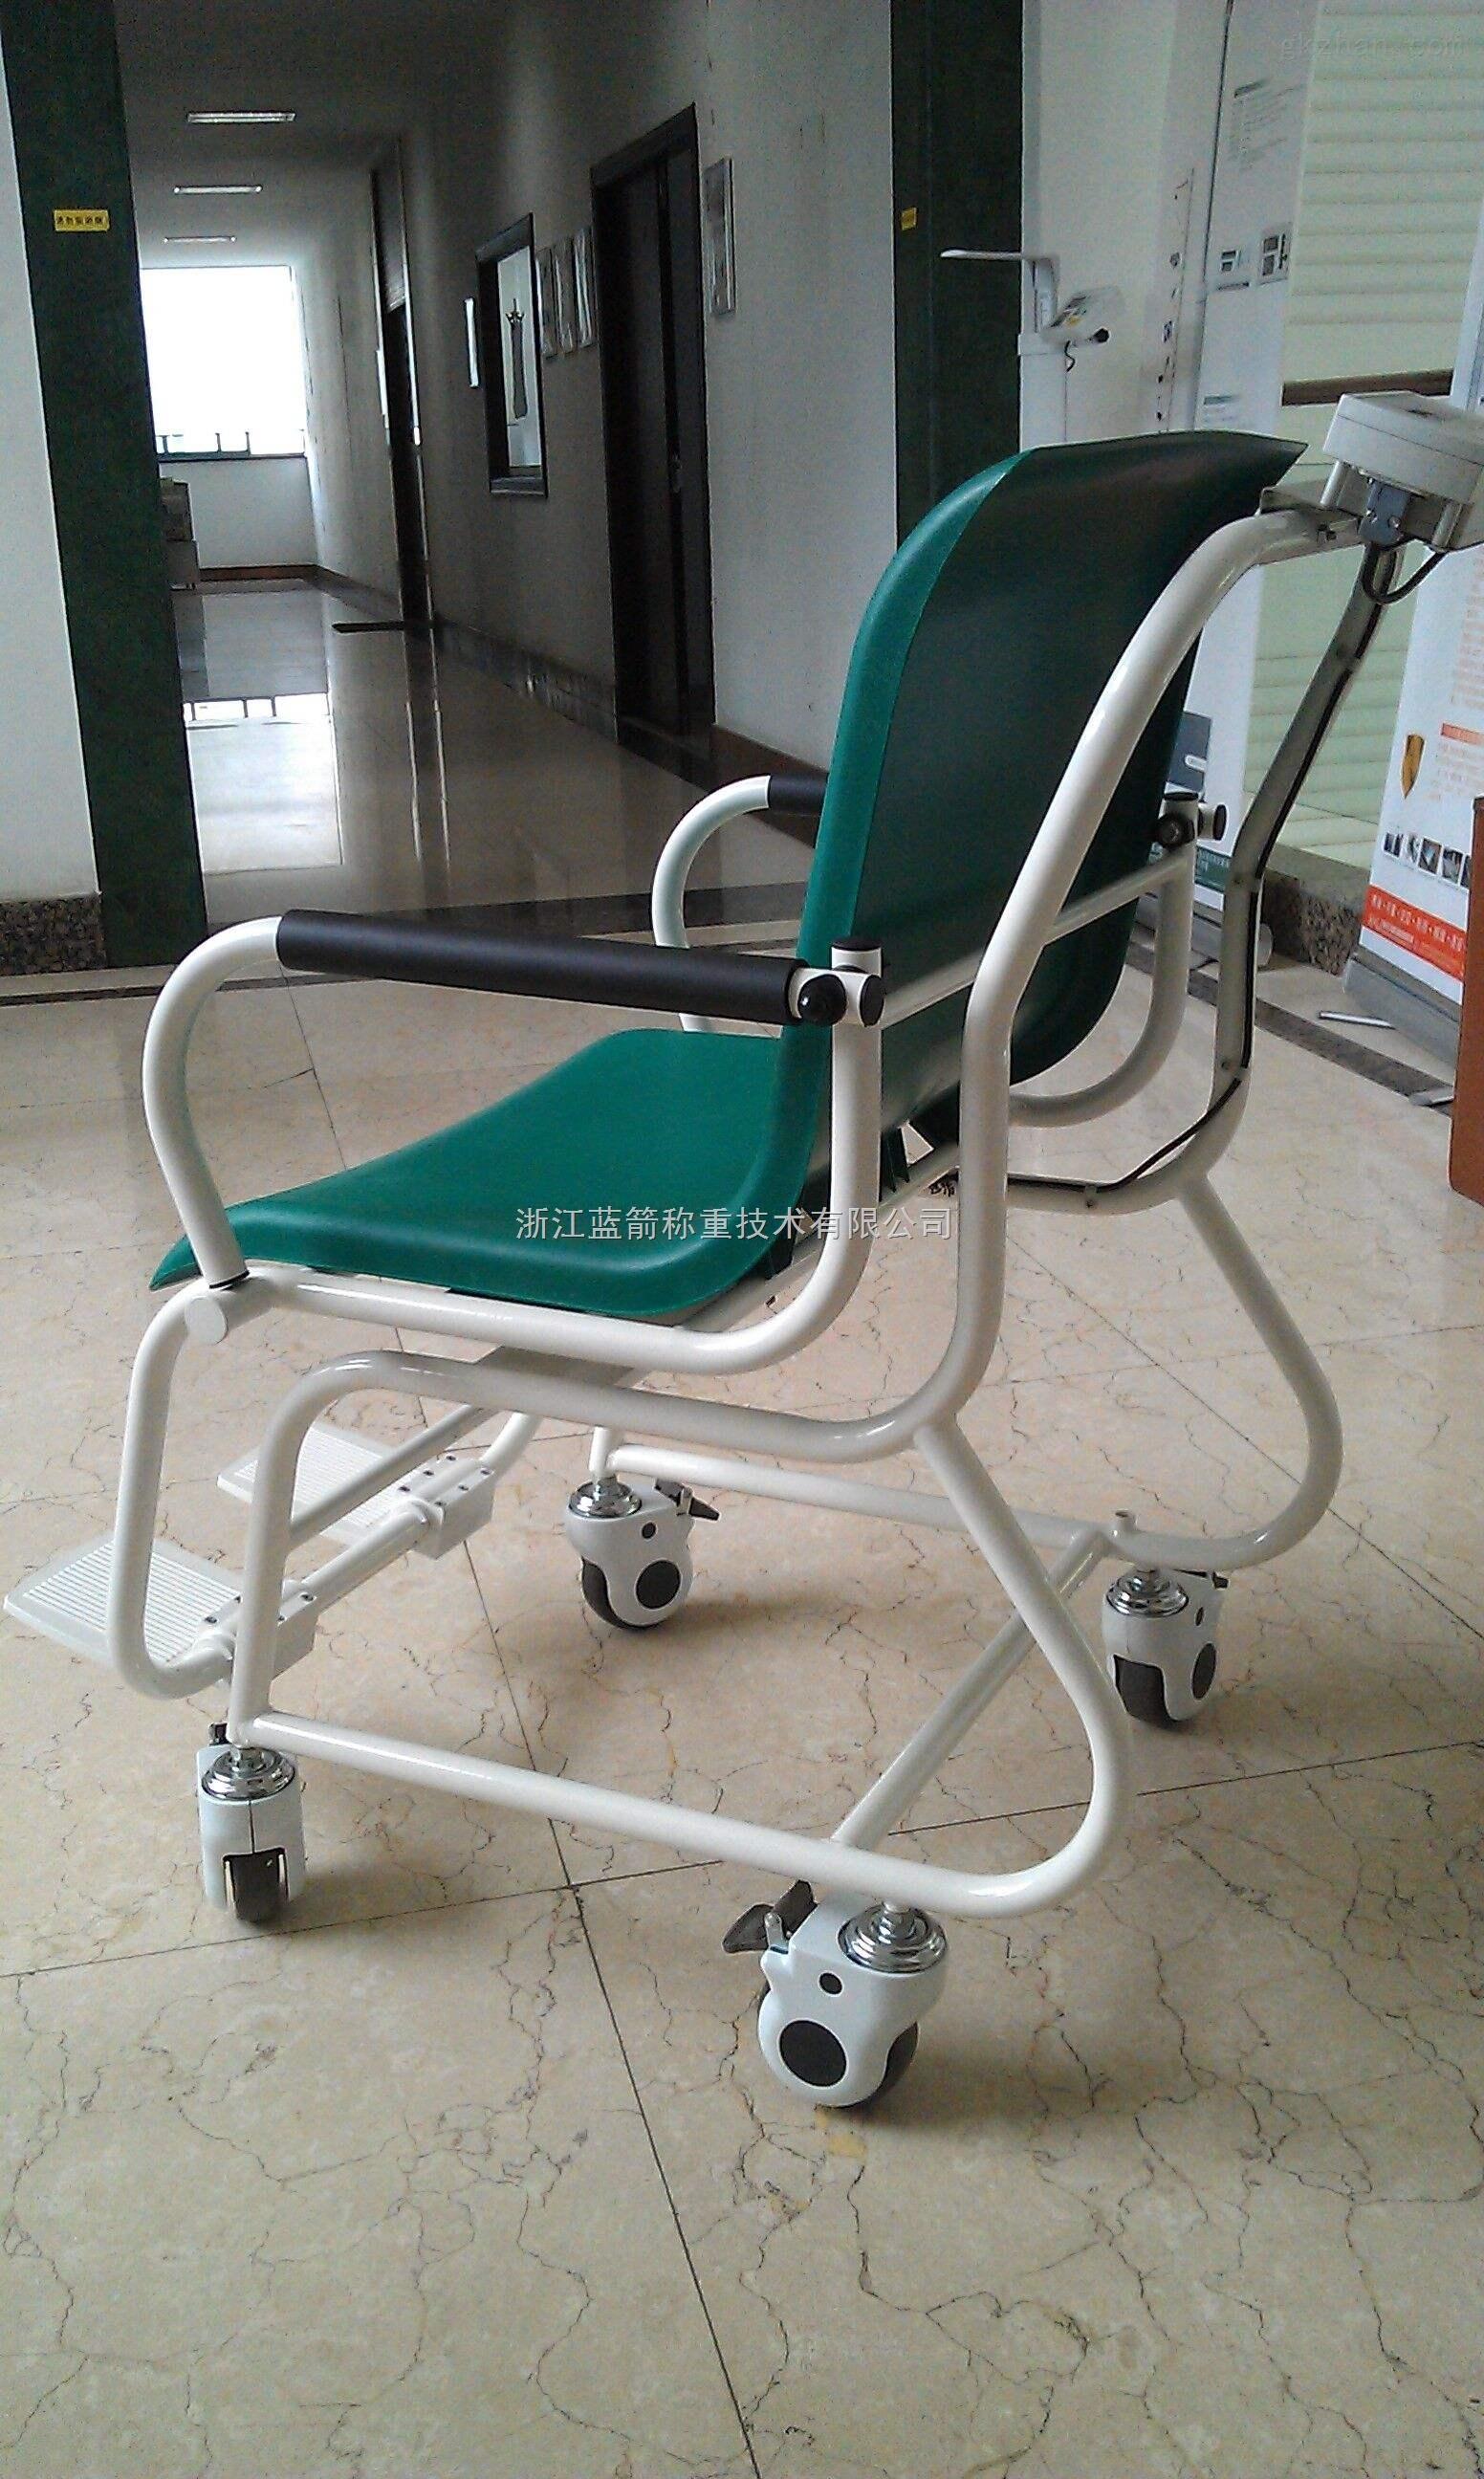 阿克陶轮椅秤 ,阿合奇坐椅秤 ,乌恰轮椅地磅